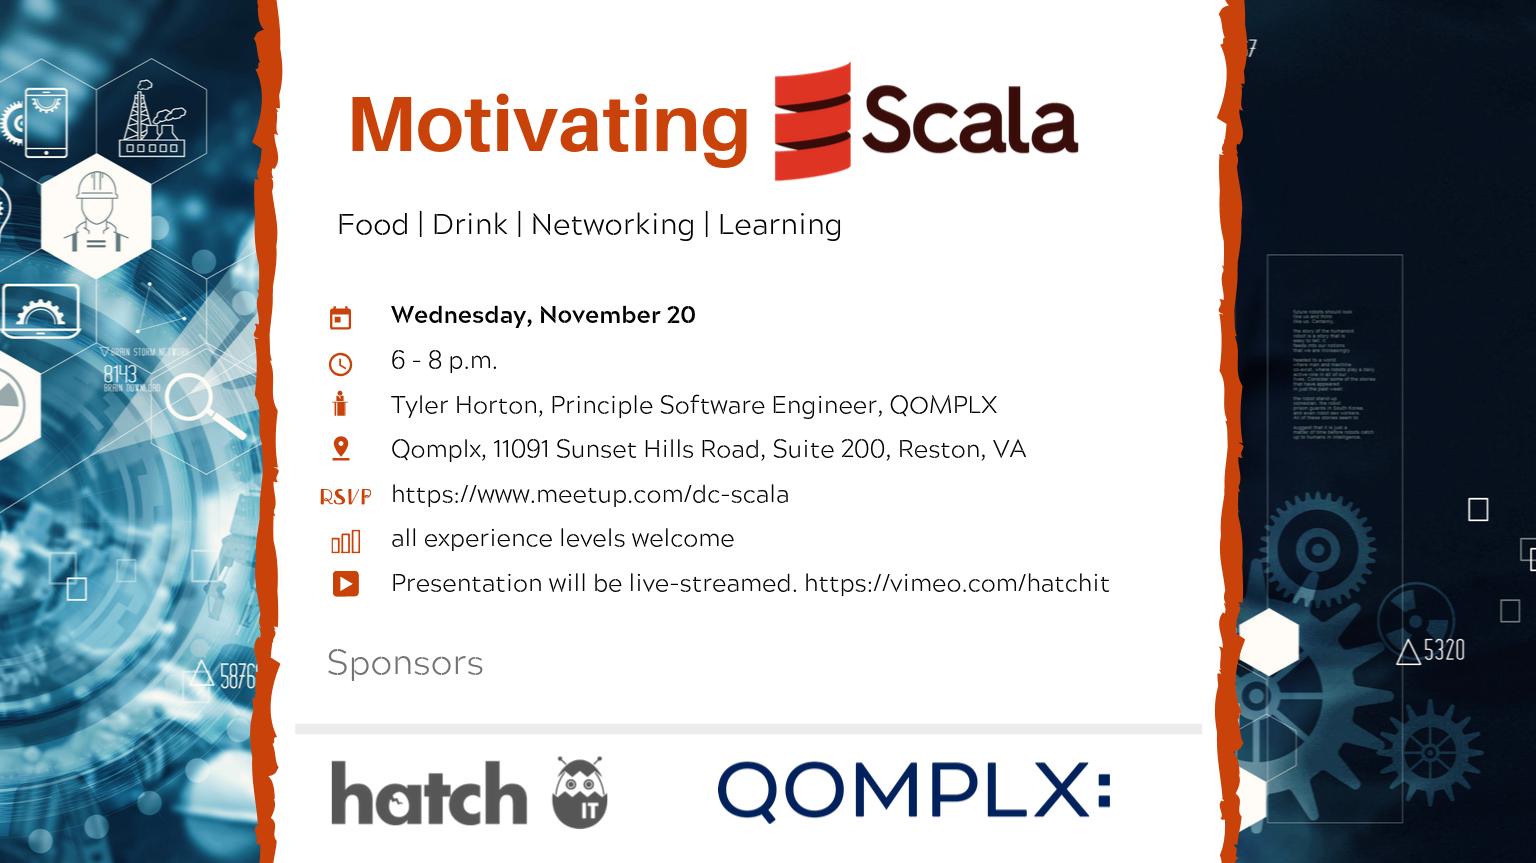 Motivating Scala